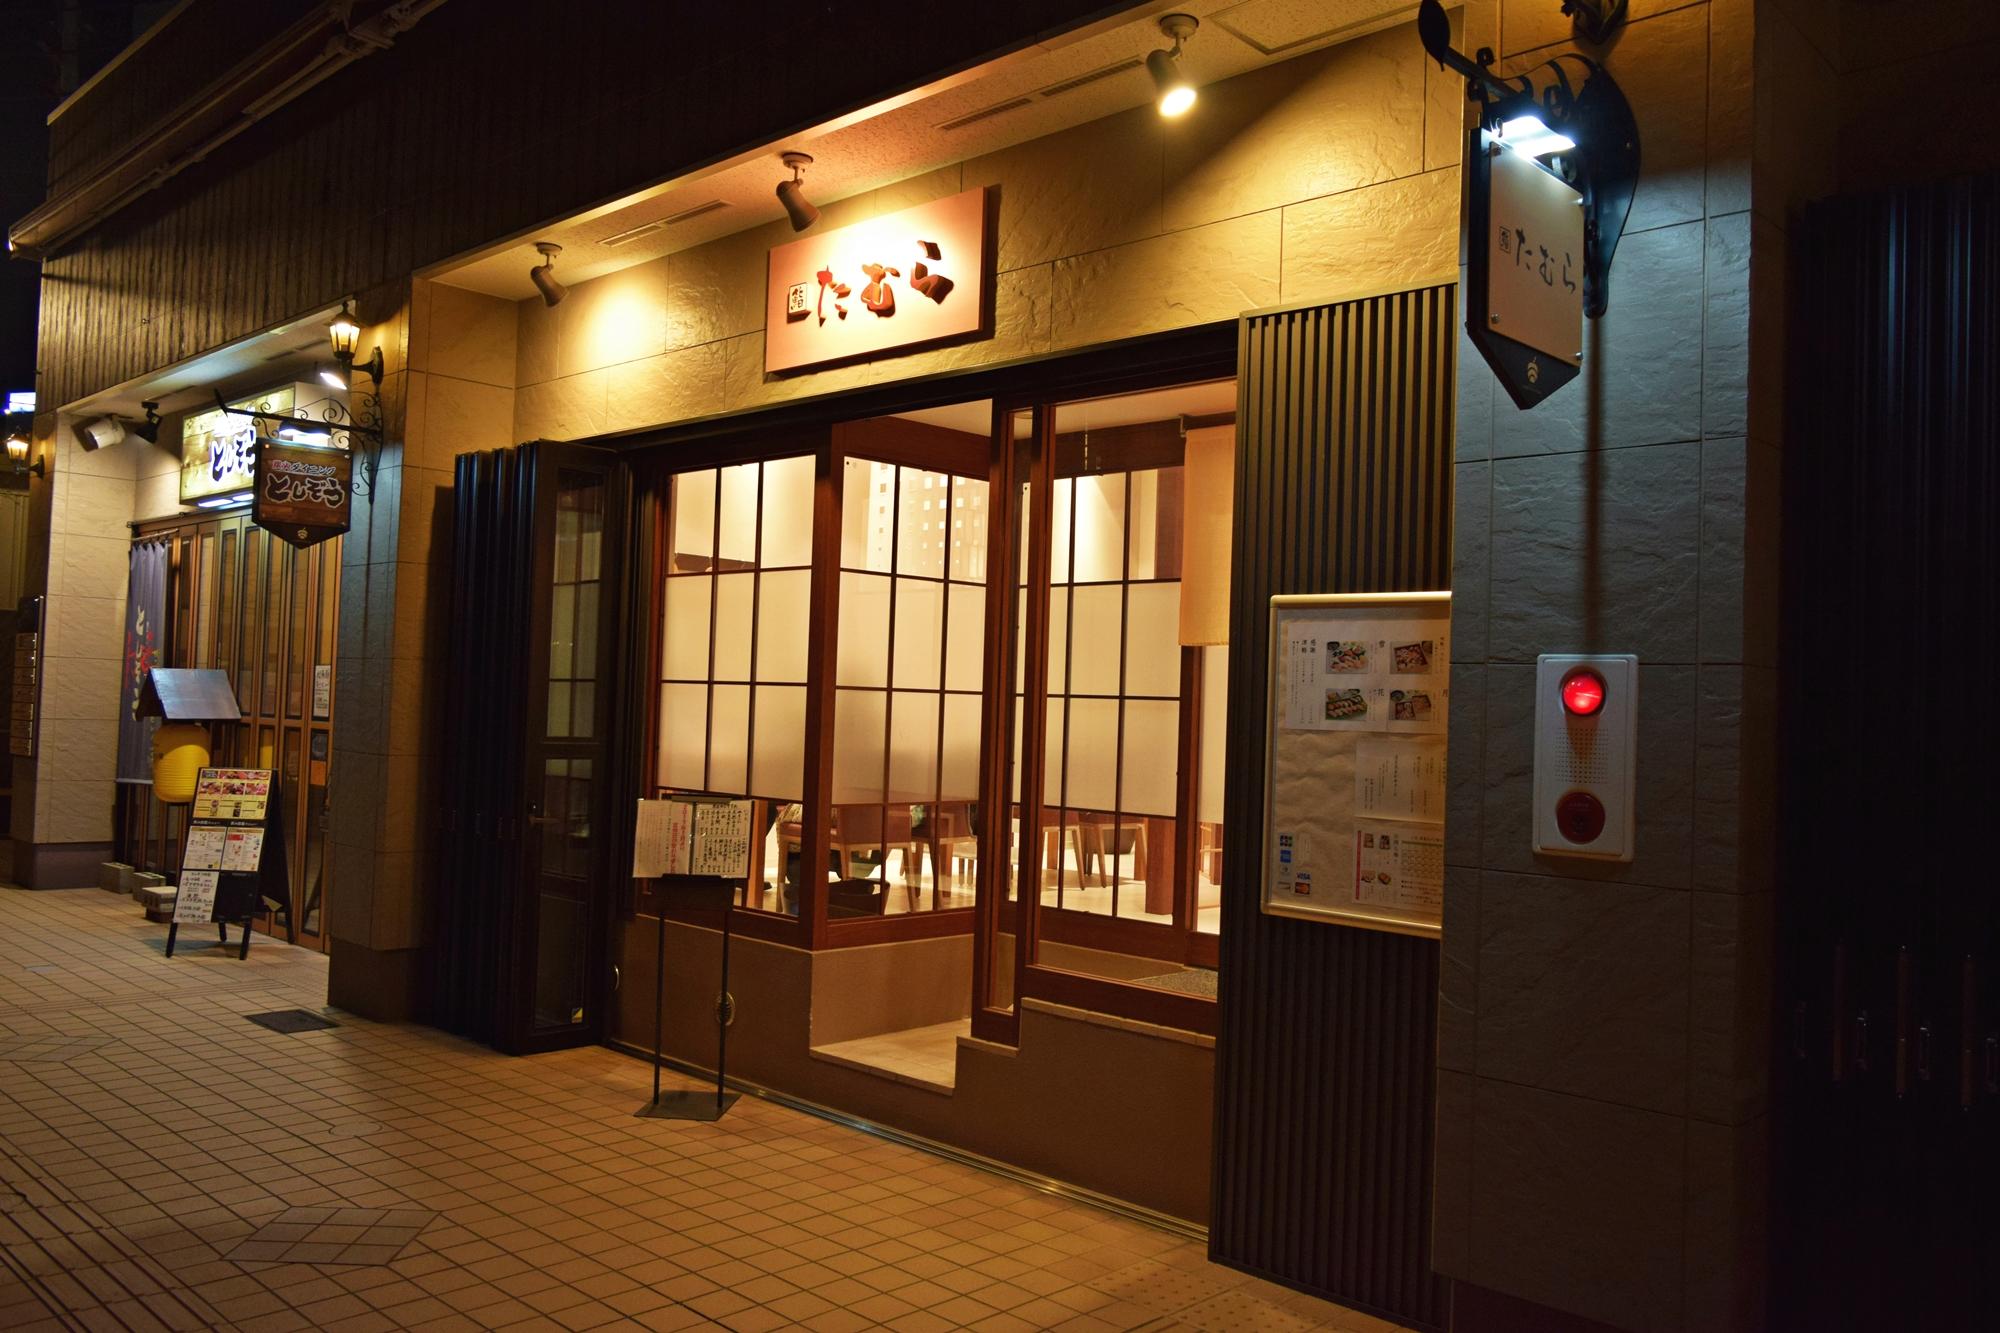 f:id:mitatowa:20170326234004j:plain